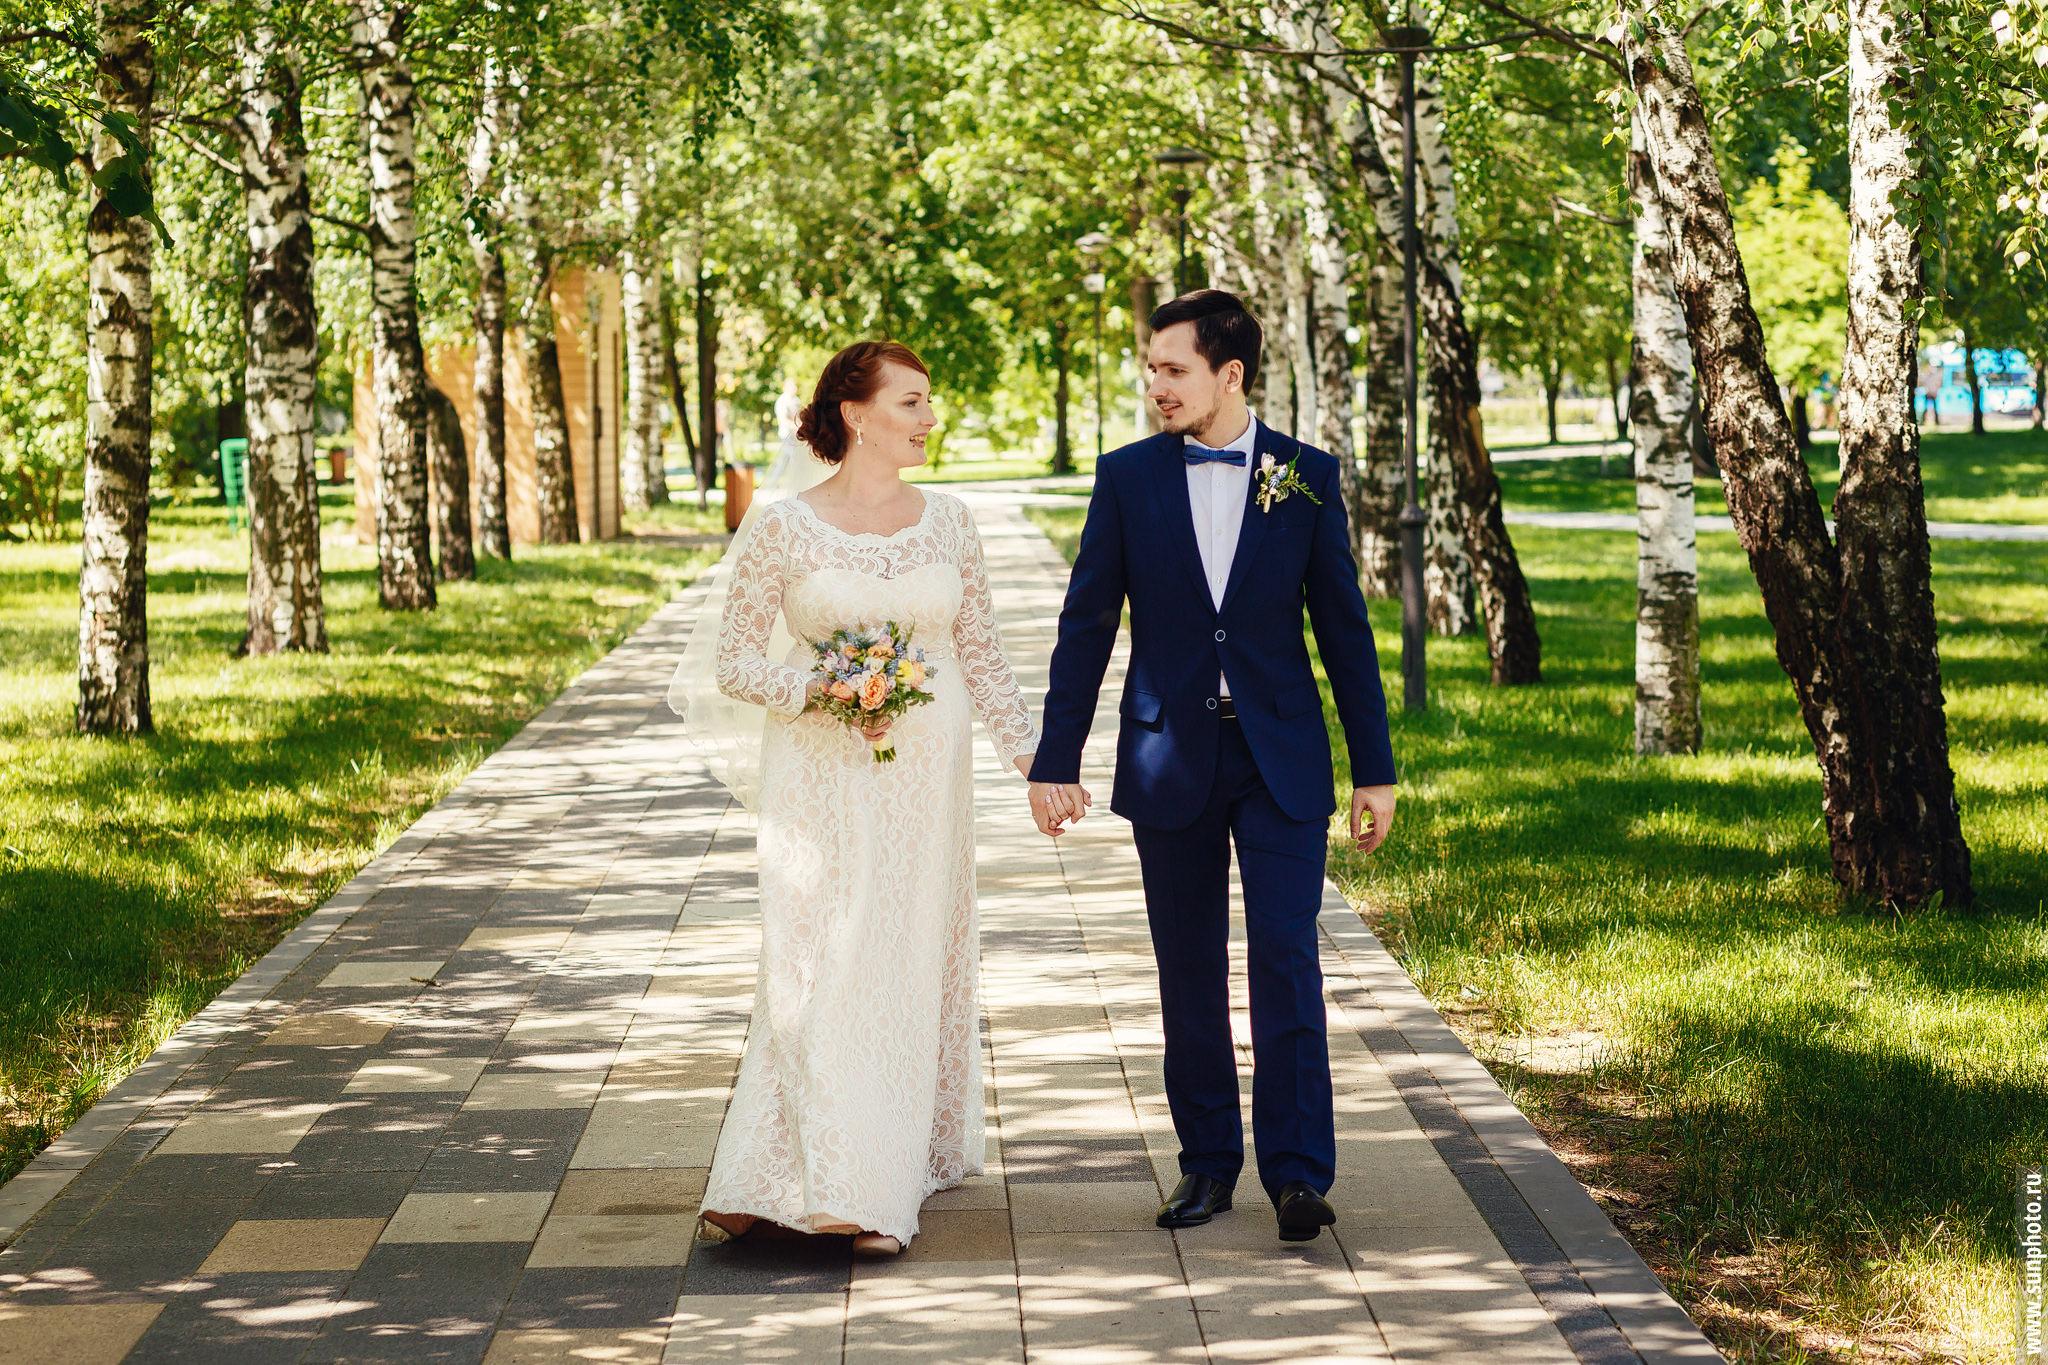 Фото с небольшой и уютной свадьбы Николая и Елены. Роспись в ЗАГСе на ВДНХ, свадебная прогулка в Парке Будущего.